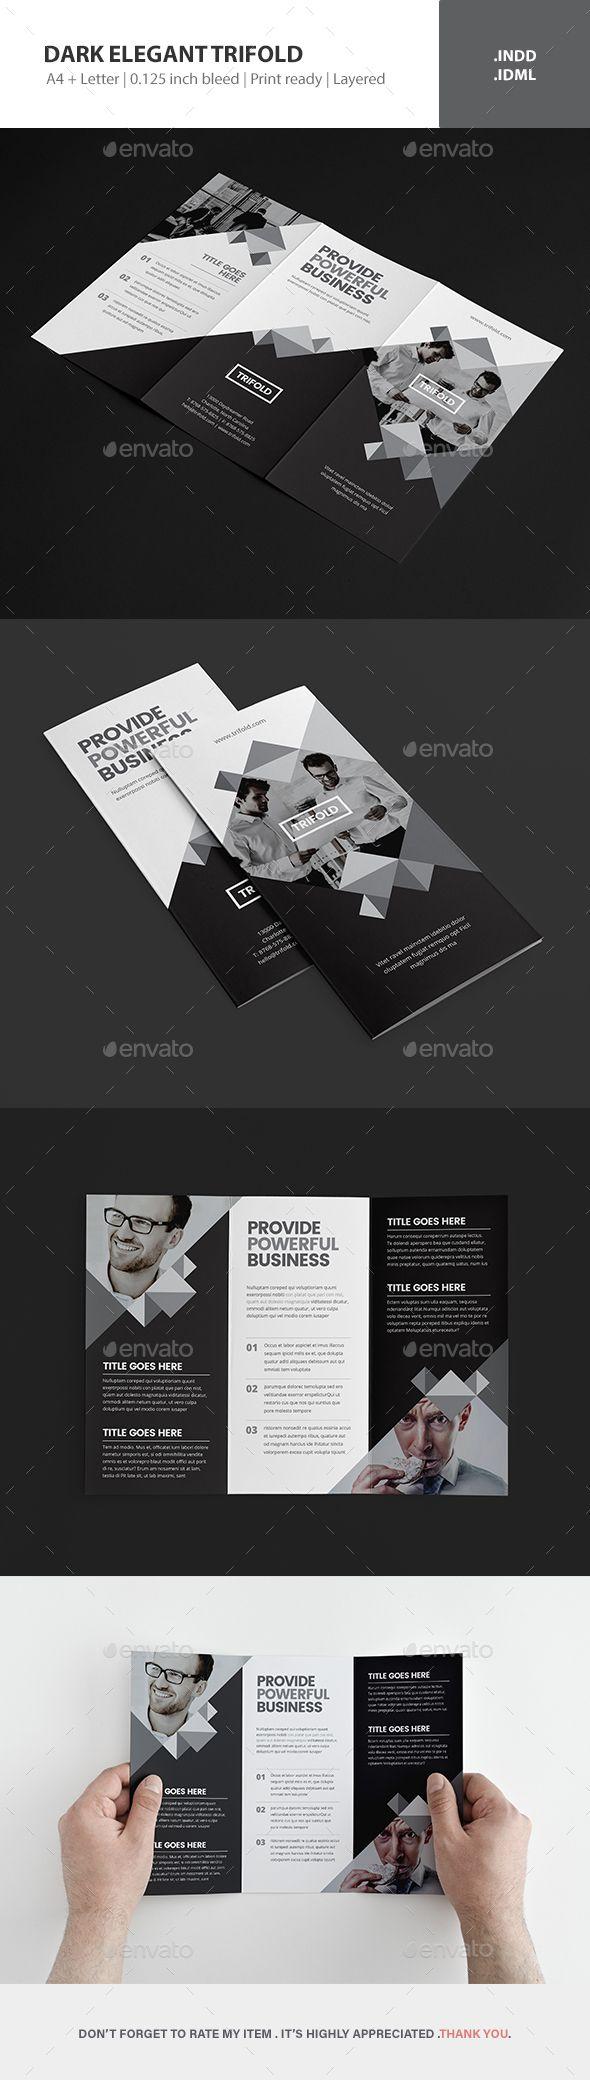 Dark Elegant Trifold Brochure Template InDesign INDD